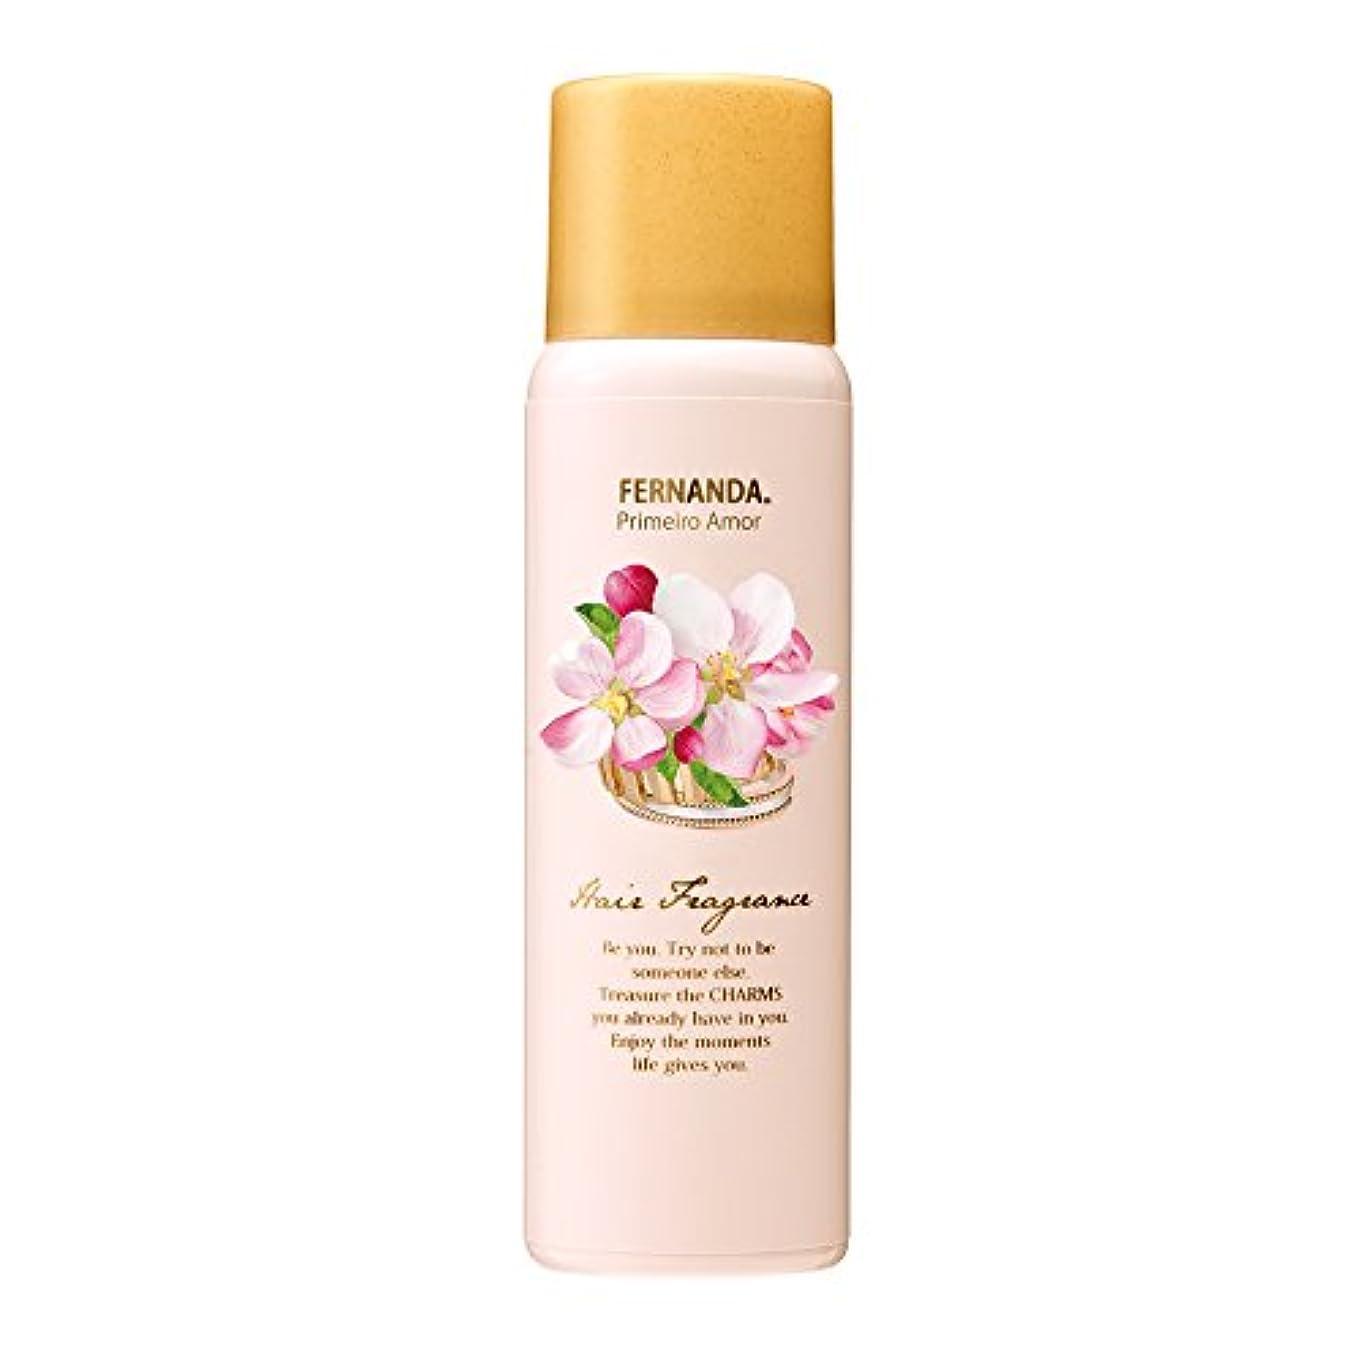 キャンセル移植角度FERNANDA(フェルナンダ) Hair Fragrance Primeiro Amor (ヘアフレグランス プリメイロアモール)